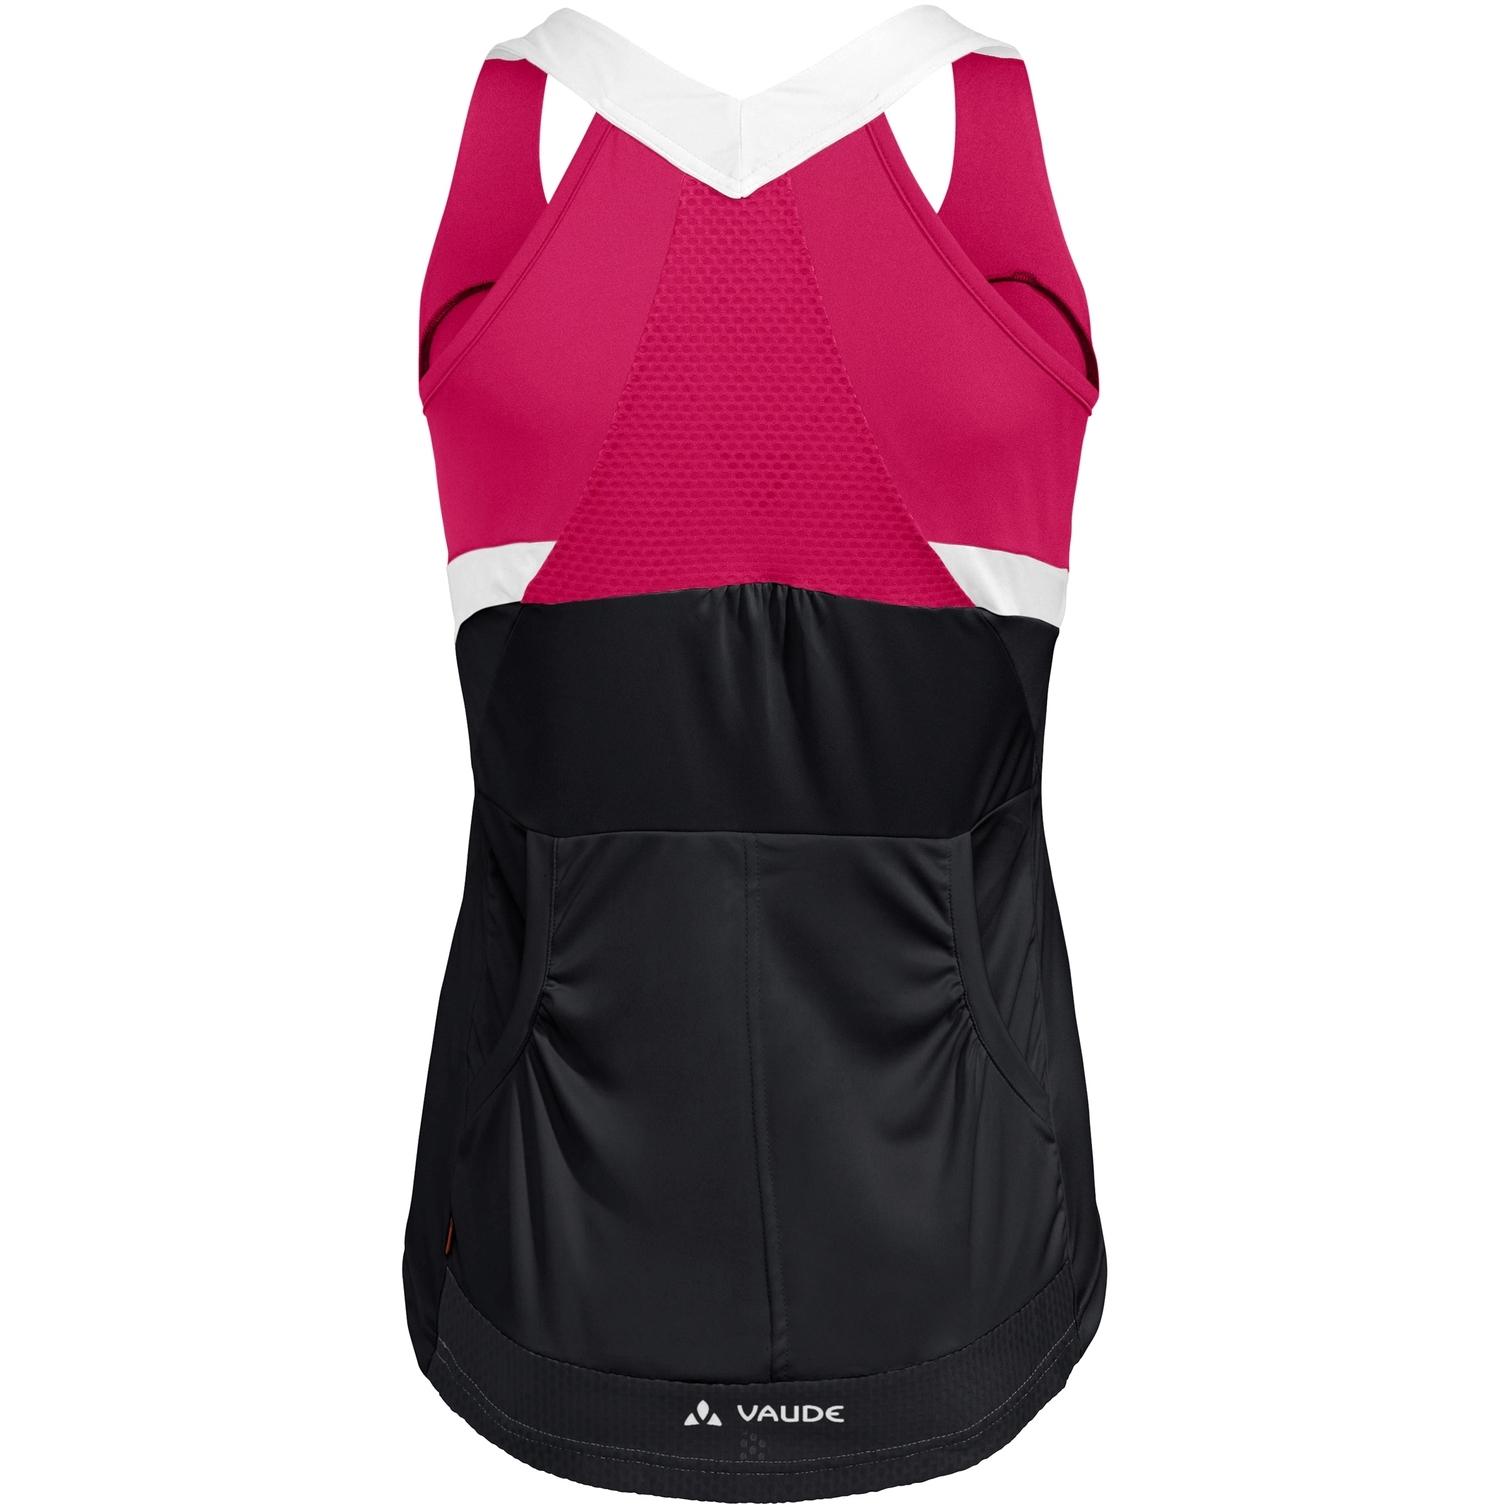 Bild von Vaude Advanced Top Damen - black/pink